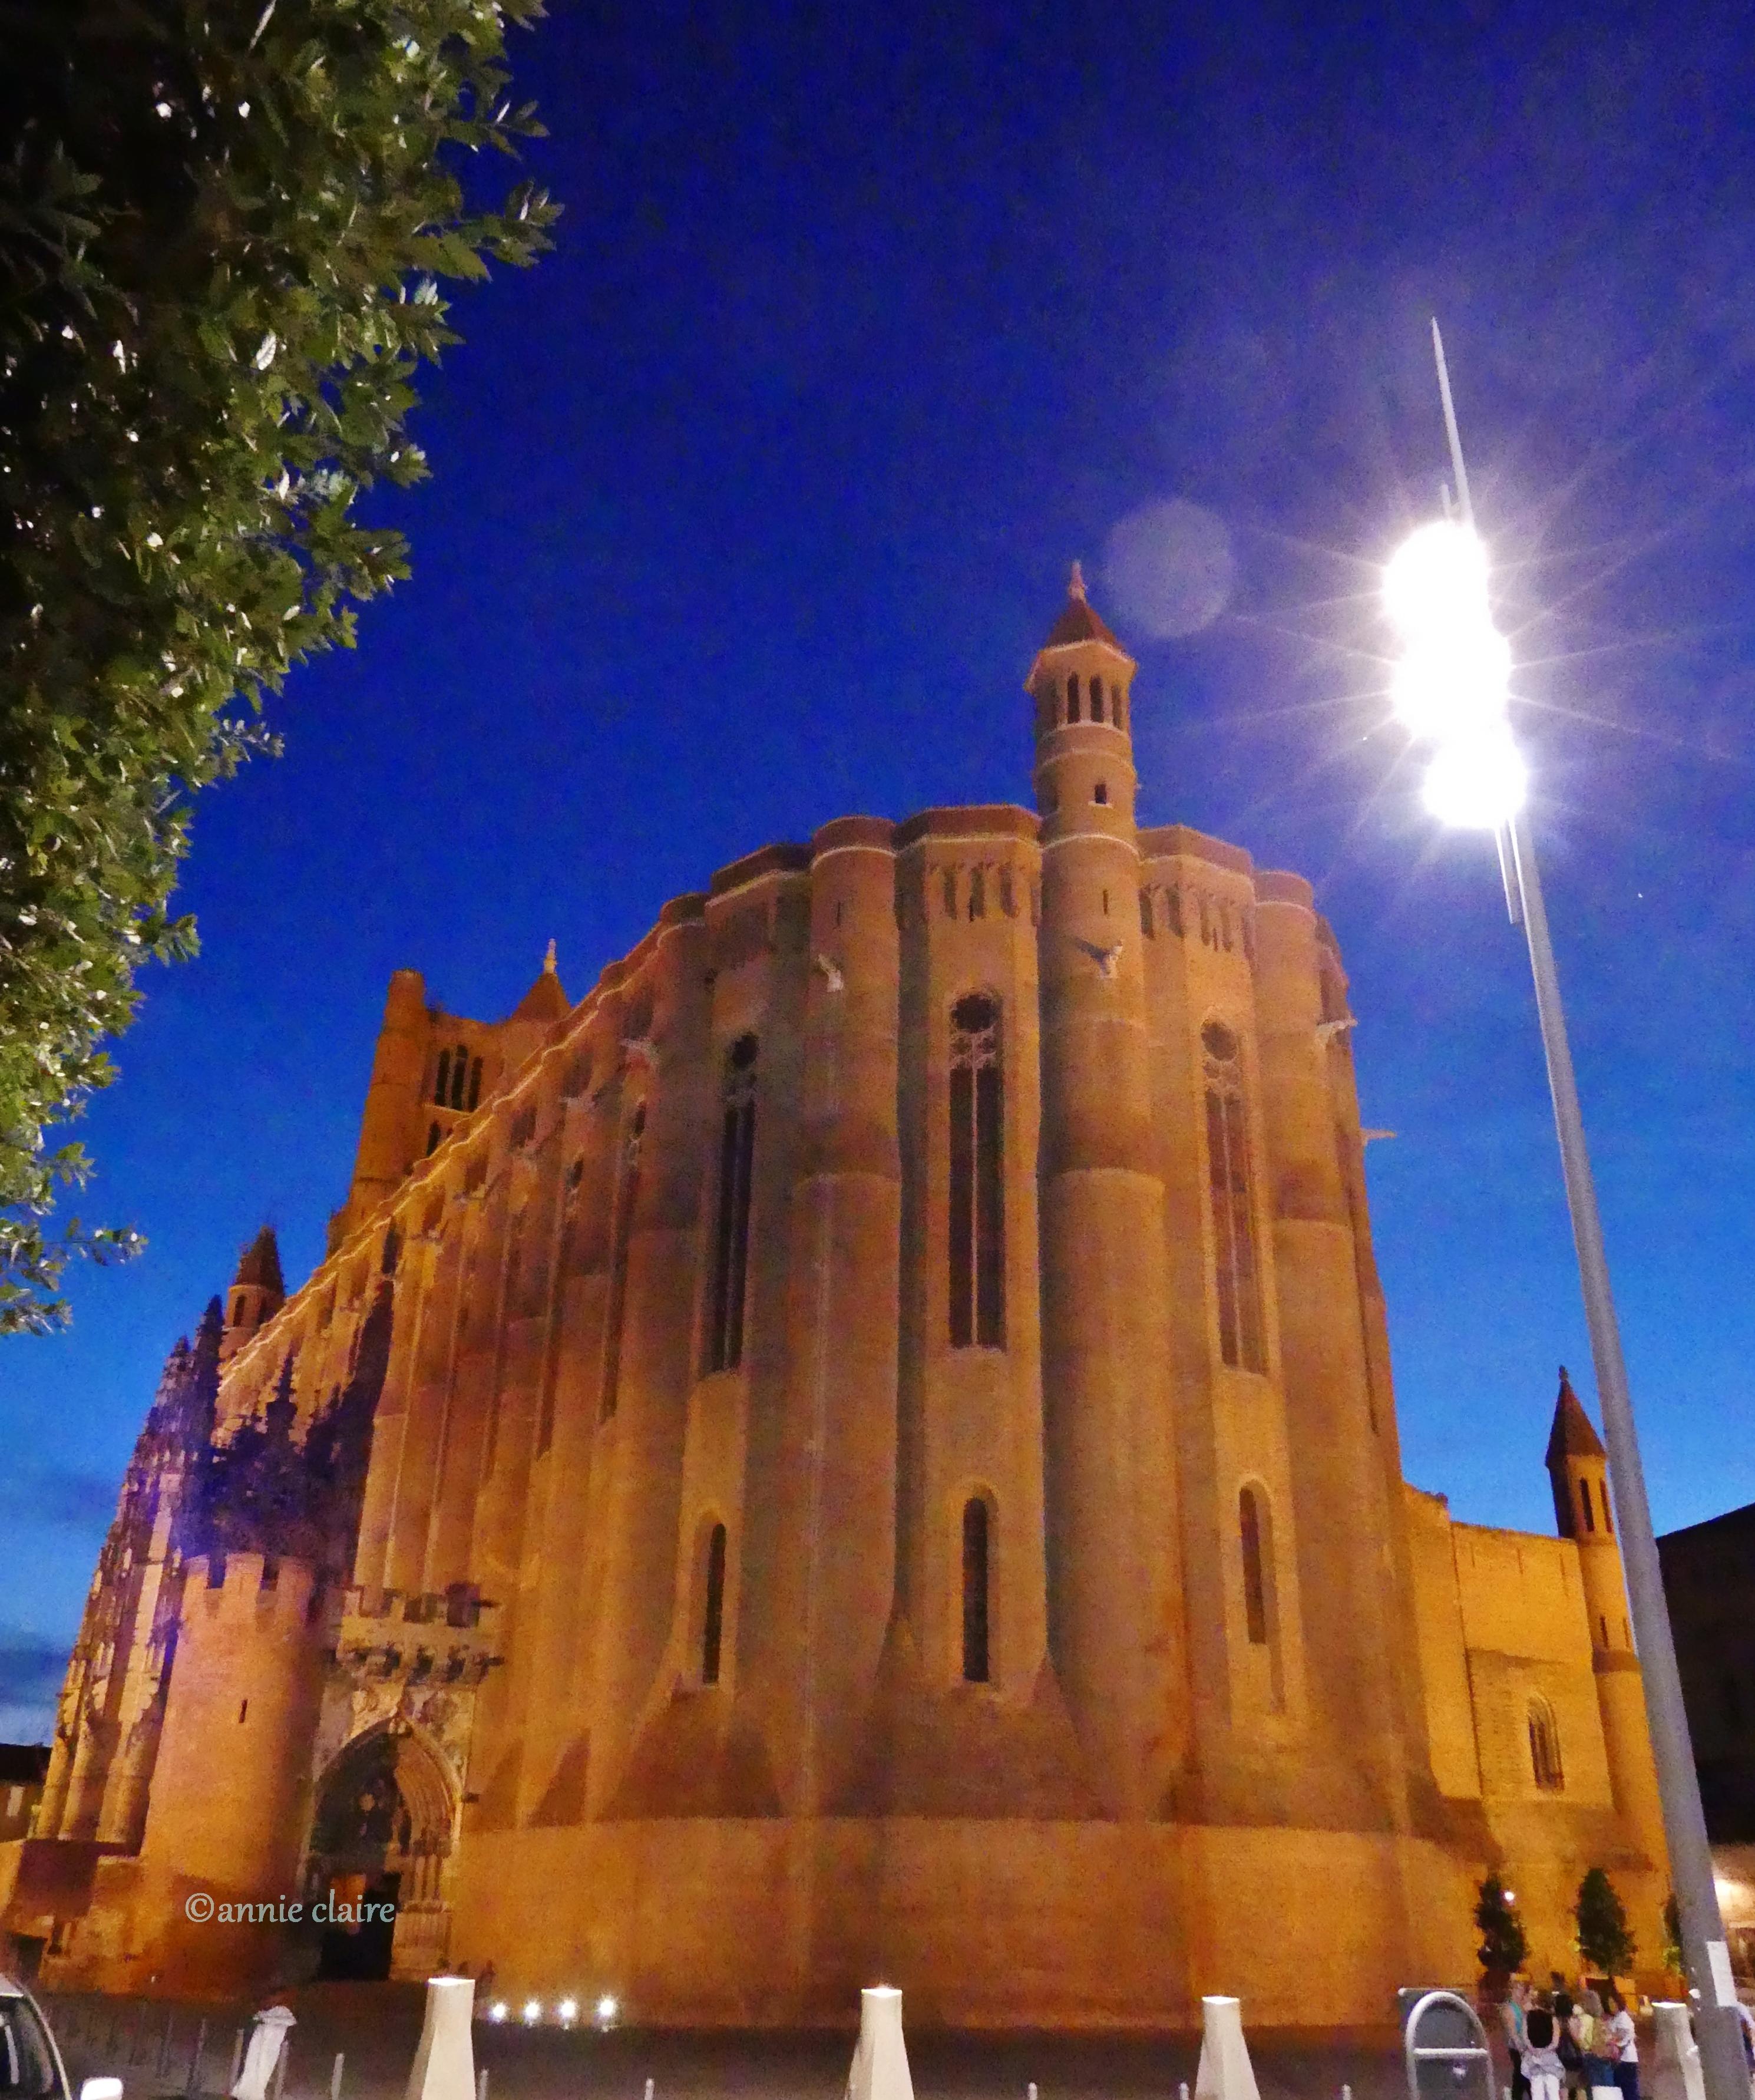 Cathédrale Sainte Cécile ©annie claire